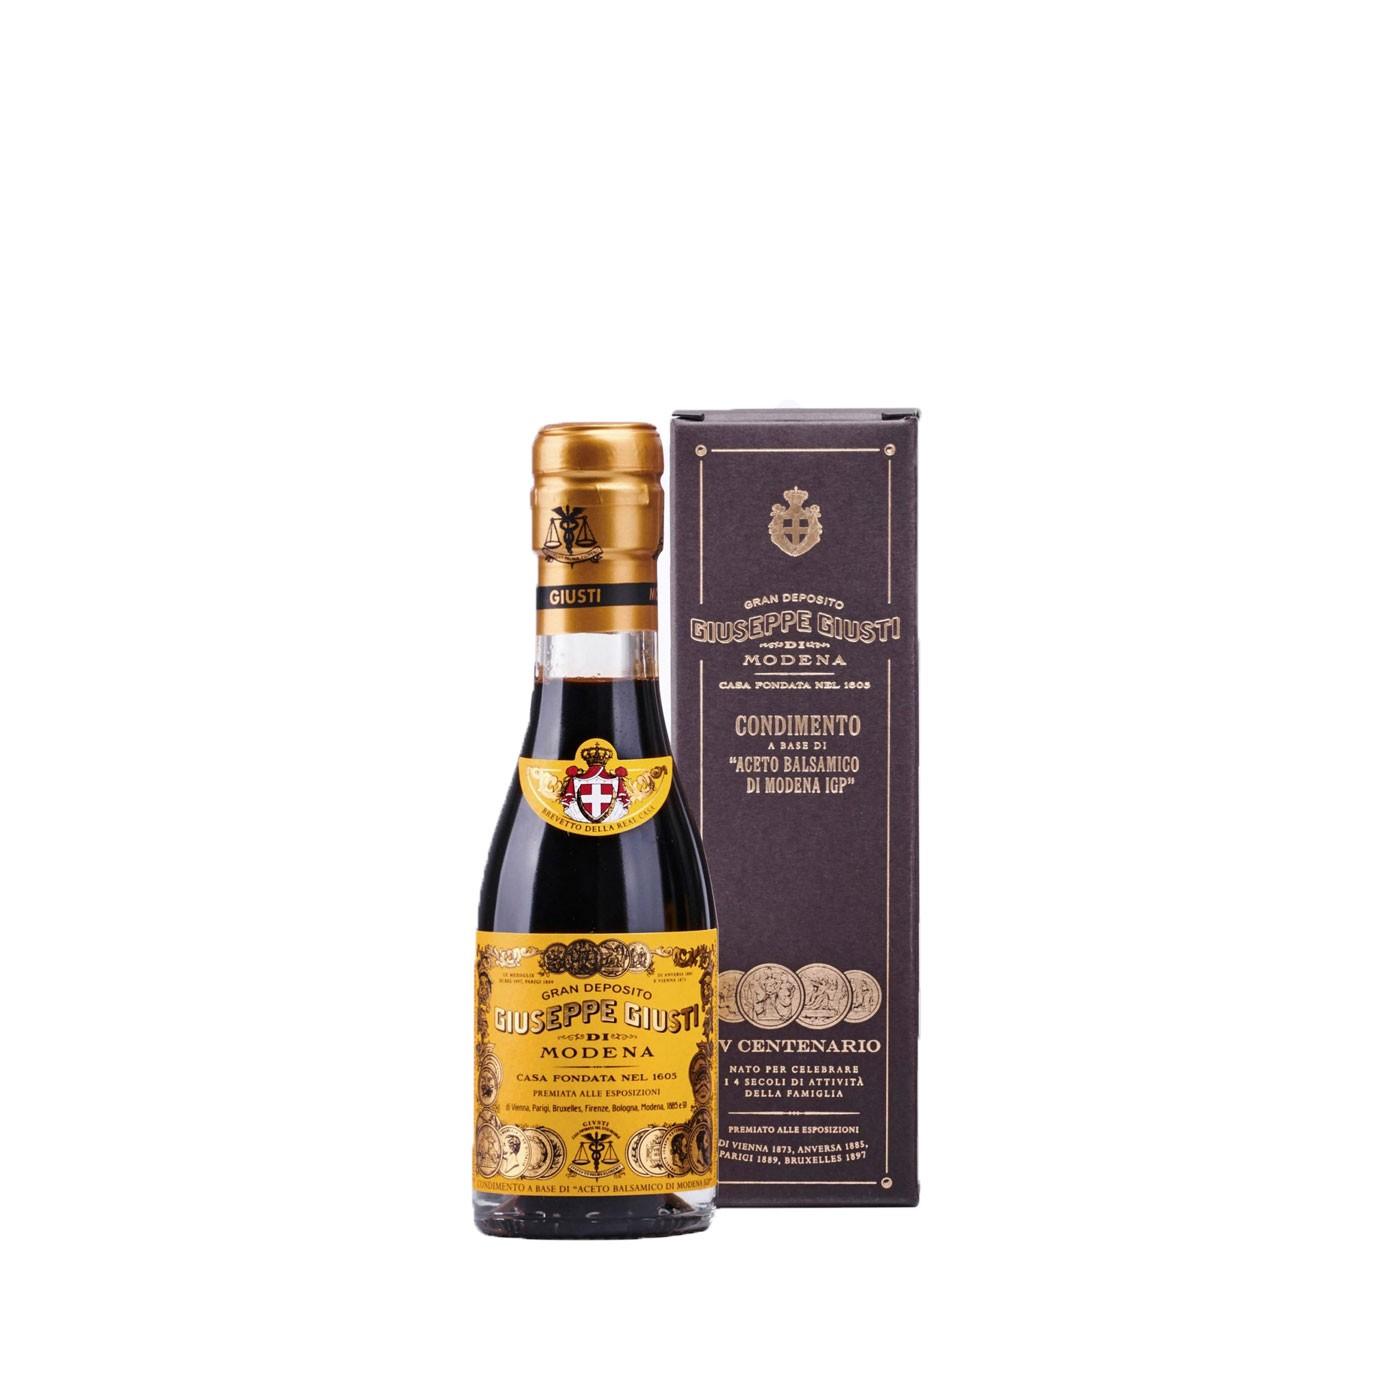 Four Gold Medals 'Quarto Centenario' Balsamic Vinegar IGP 3.38 oz